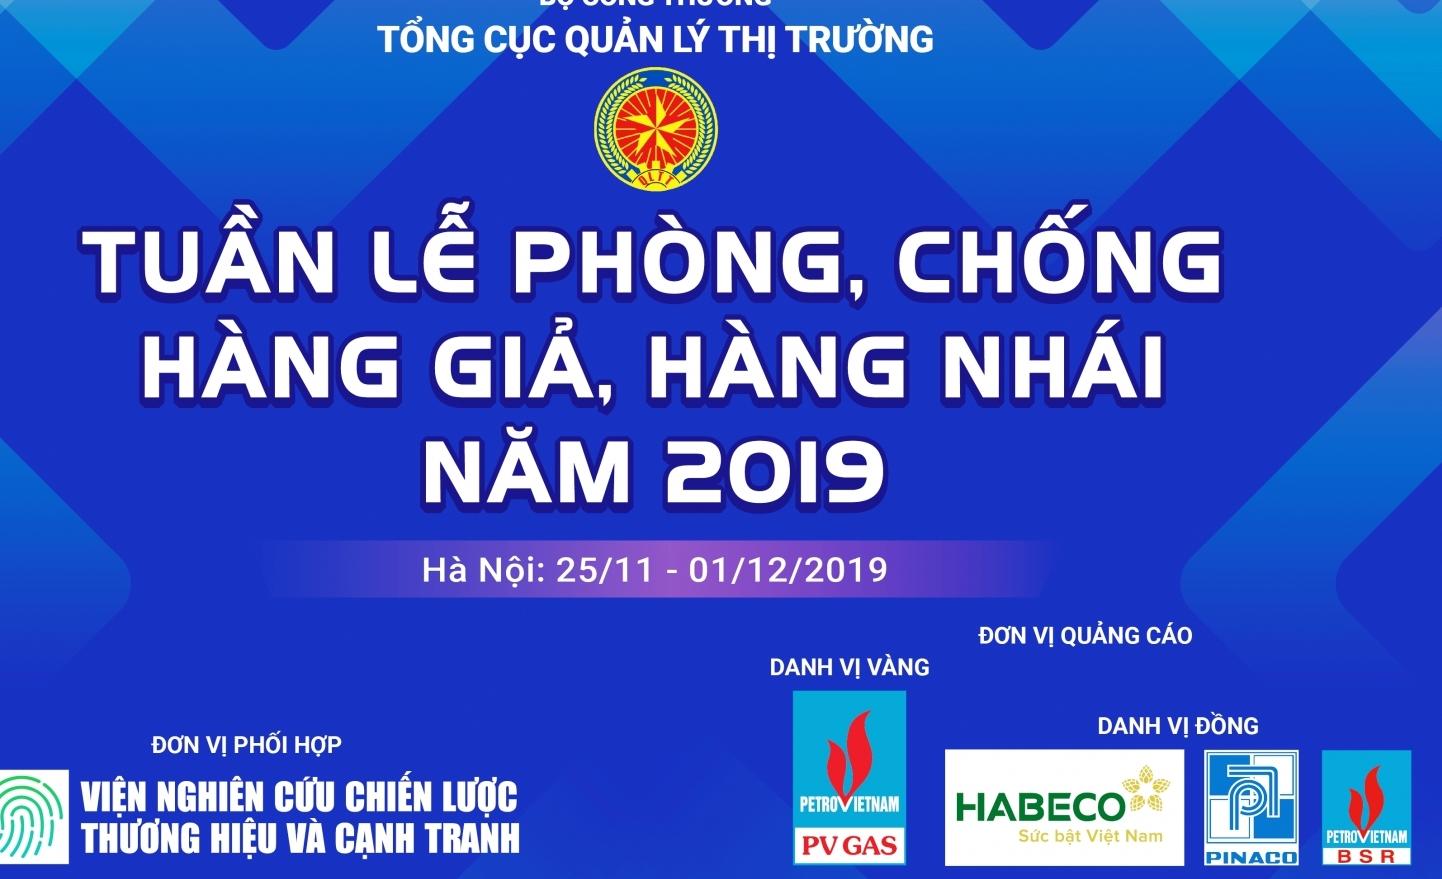 pv gas bsr dong hanh cung tuan le phong chong hang gia hang nhai nam 2019